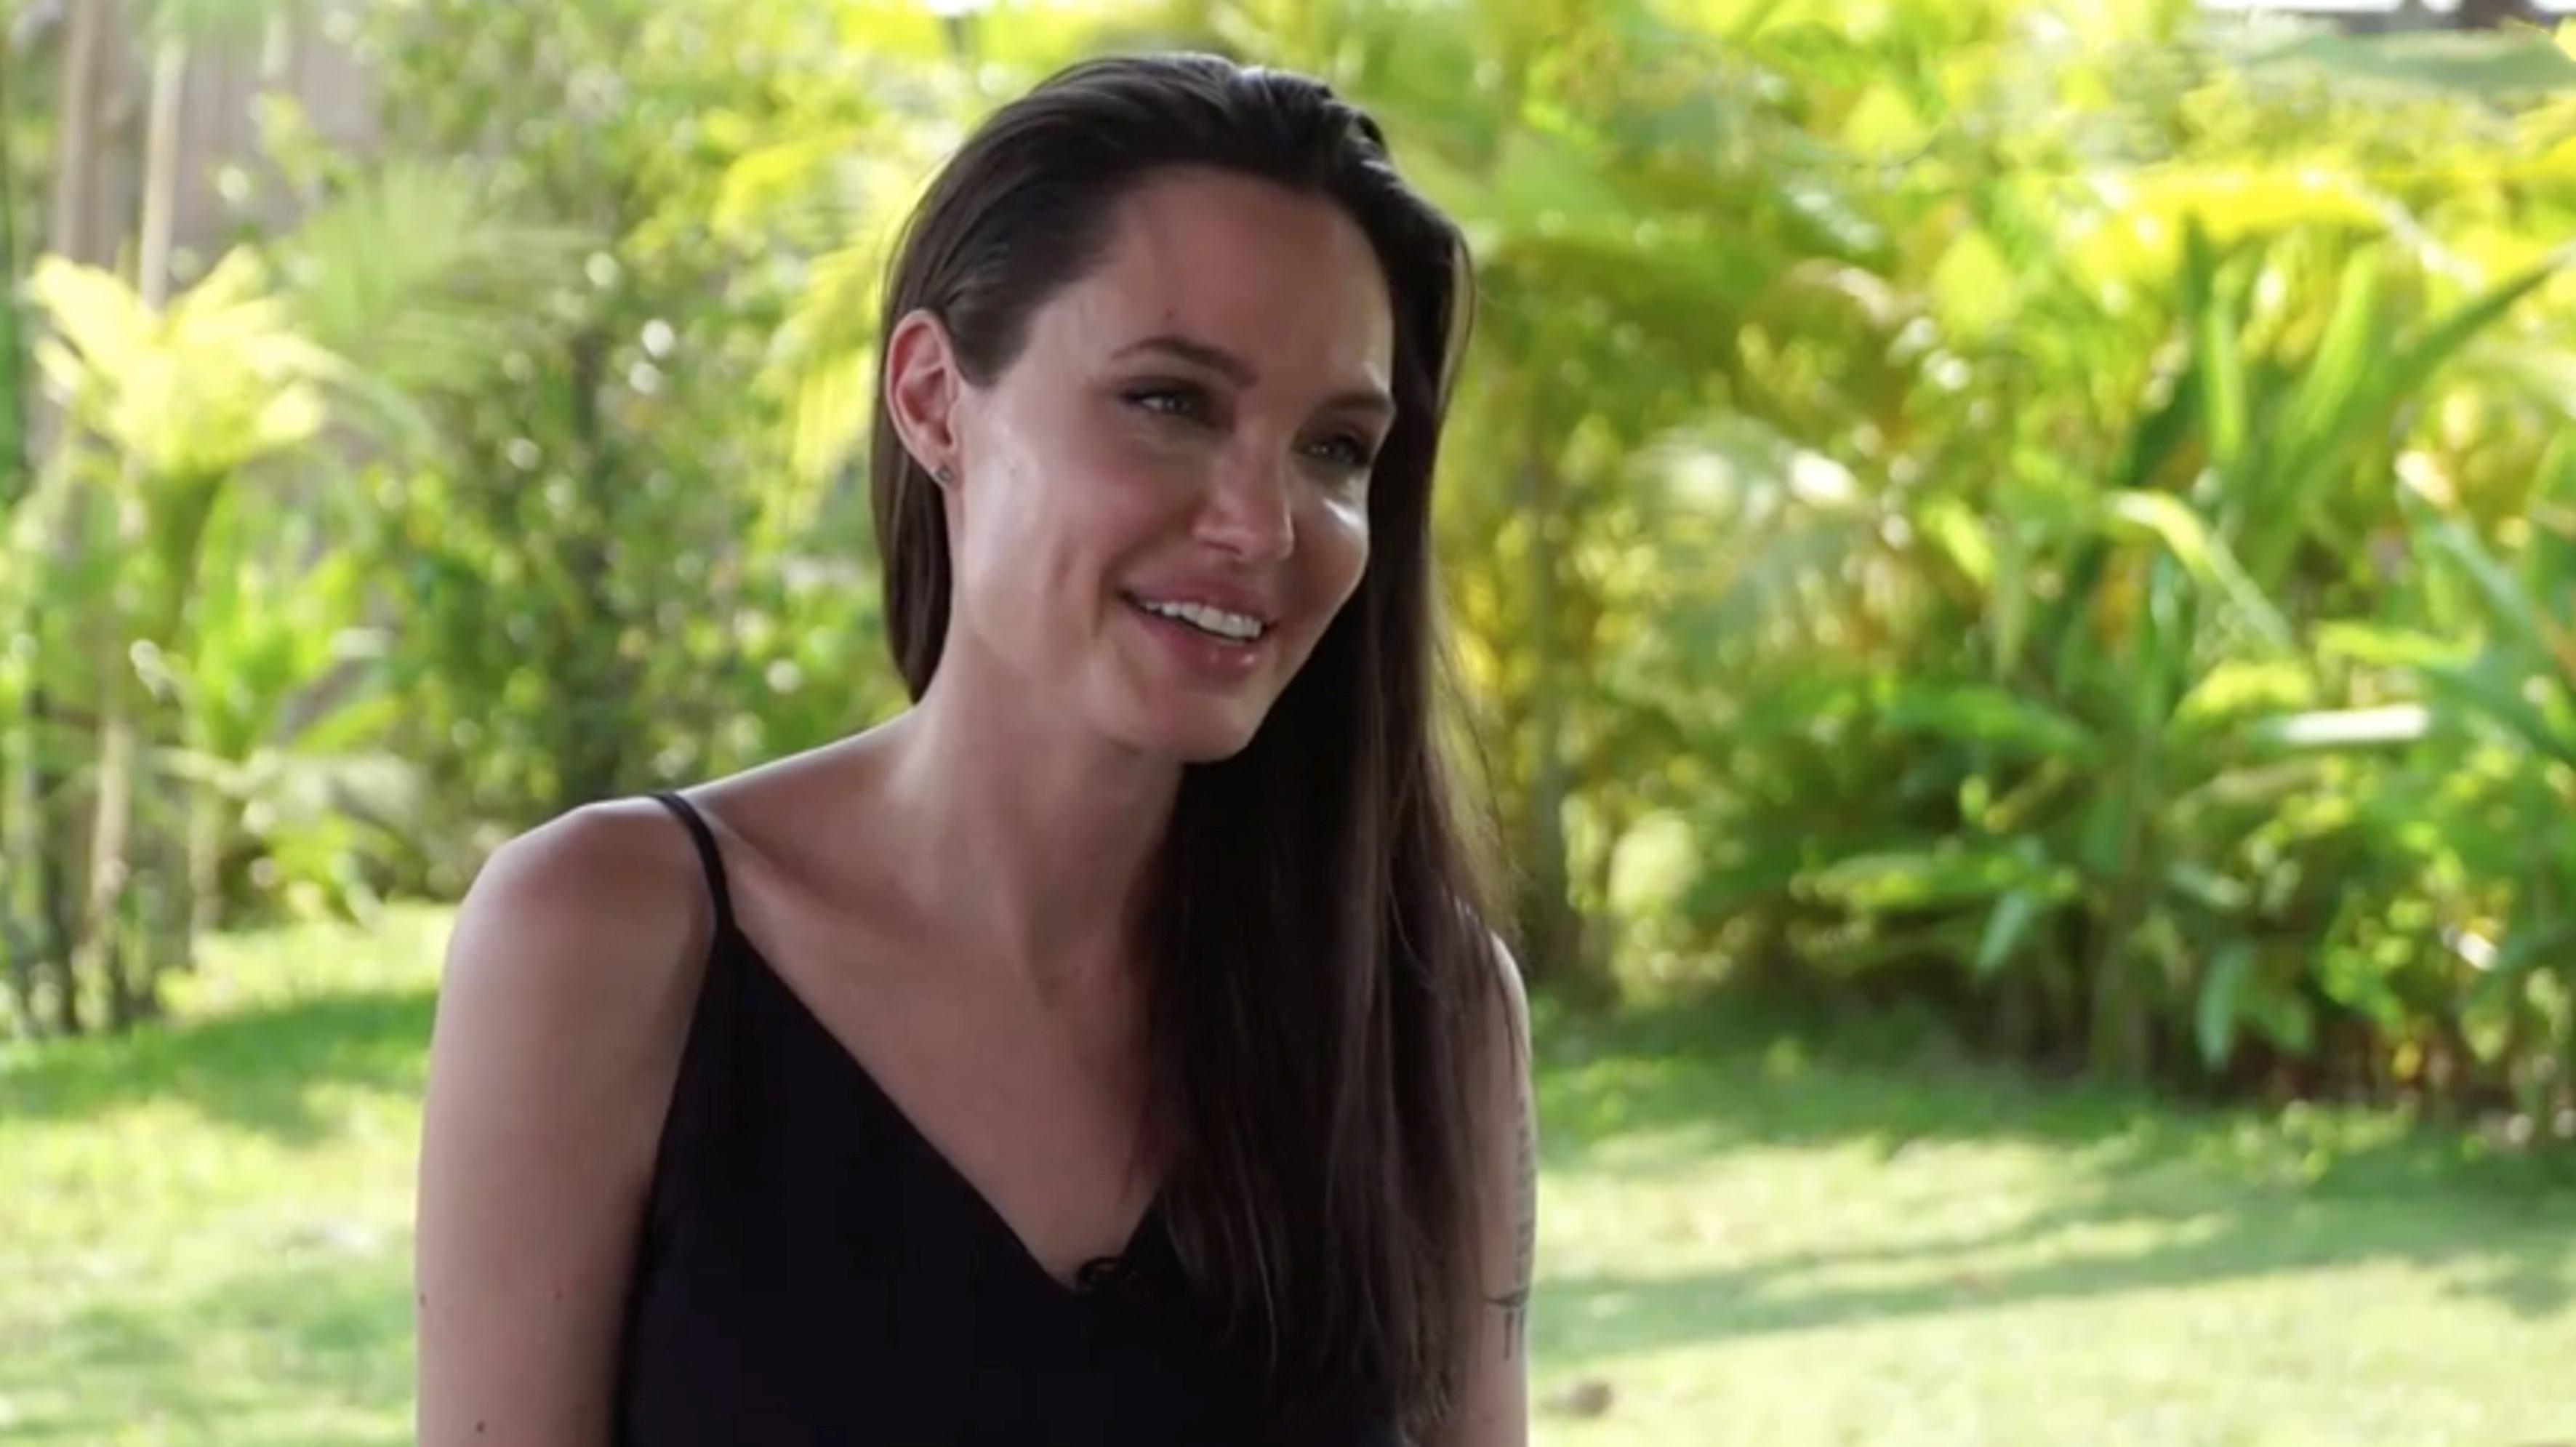 Angelina Jolie a gătit şi mâncat tarantule şi greieri. Două miliarde de oameni includ insectele în dieta lor zilnică